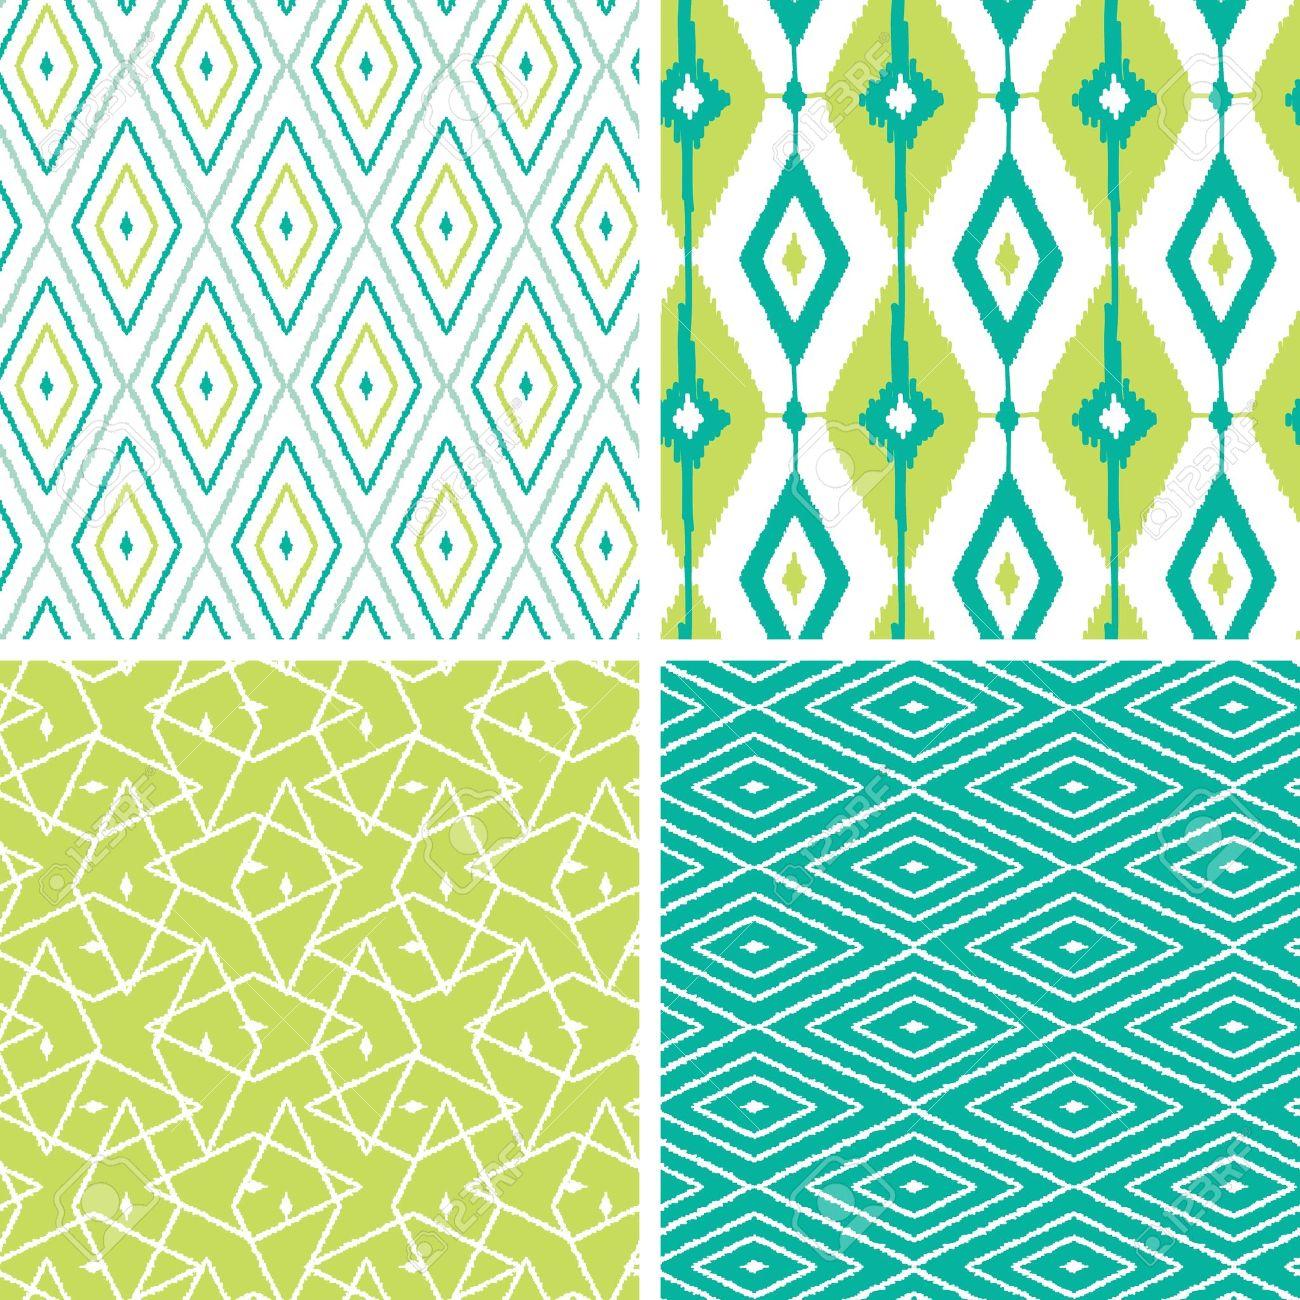 Set of green ikat diamond seamless patterns backgrounds - 19935296